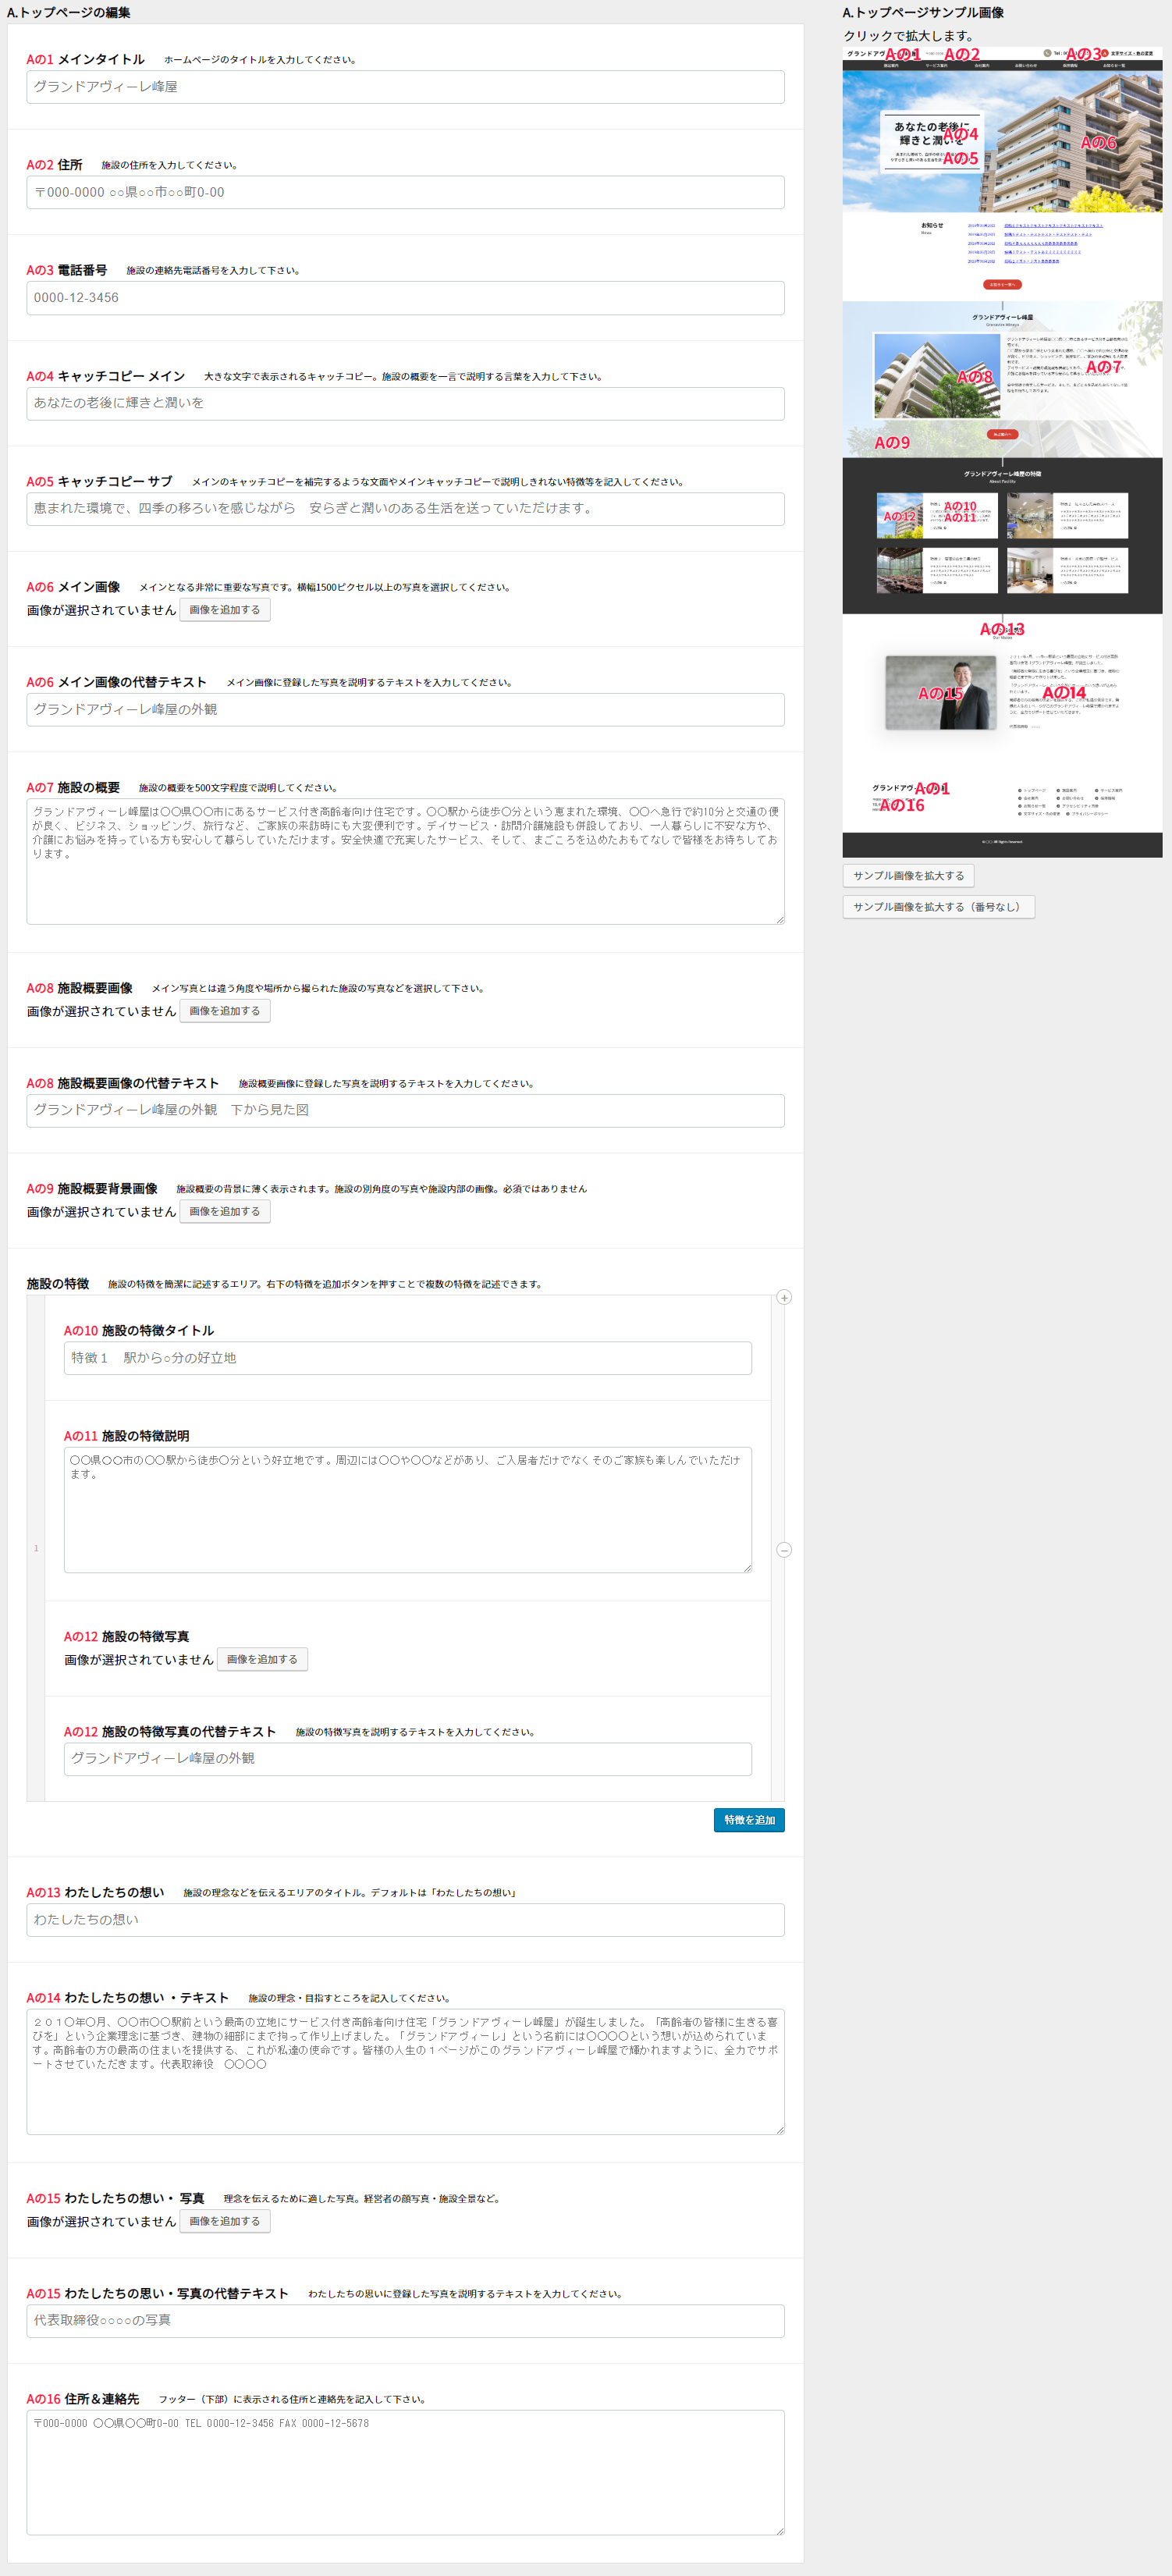 入稿フォームの例 トップページのテンプレートに必要事項を入力していただきます。